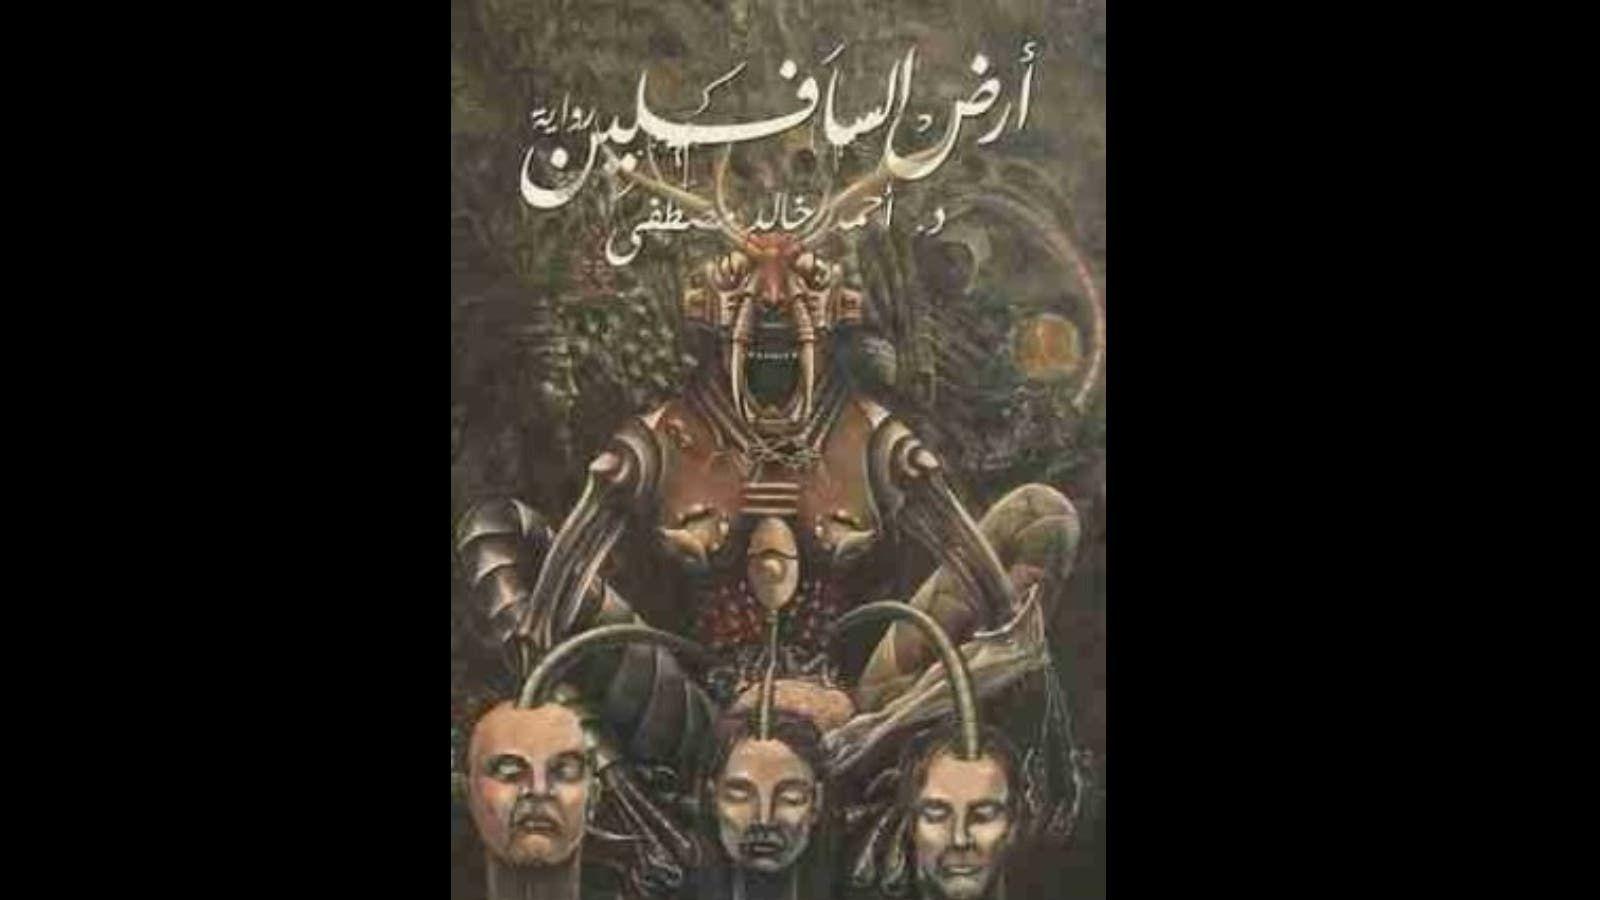 رحلة إلى أرض السافلين تأليف أحمد خالد مصطفى Book Cover Art Passport Holder